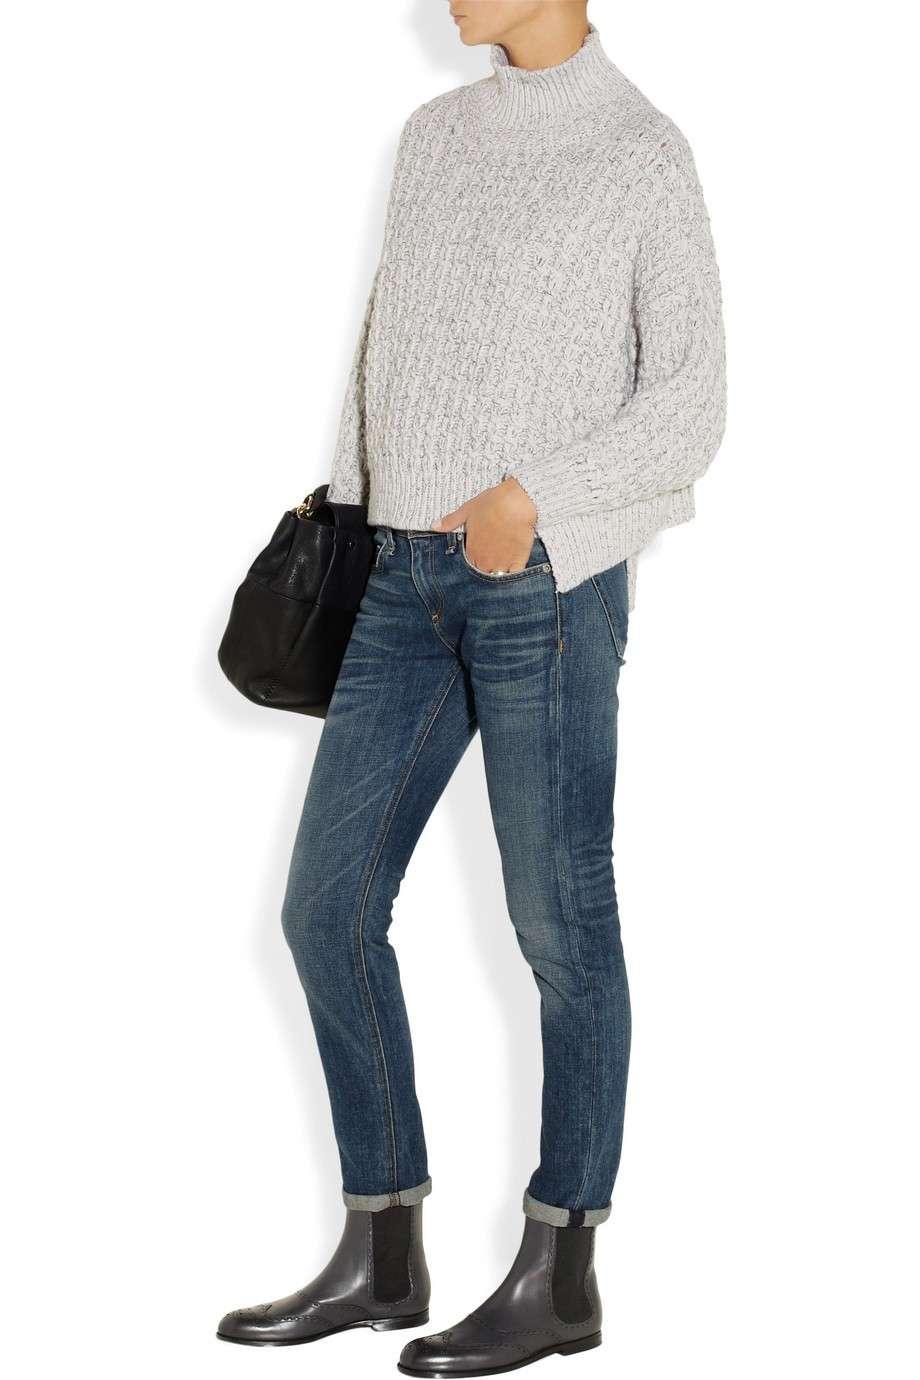 Jeans e Chelsea Boots